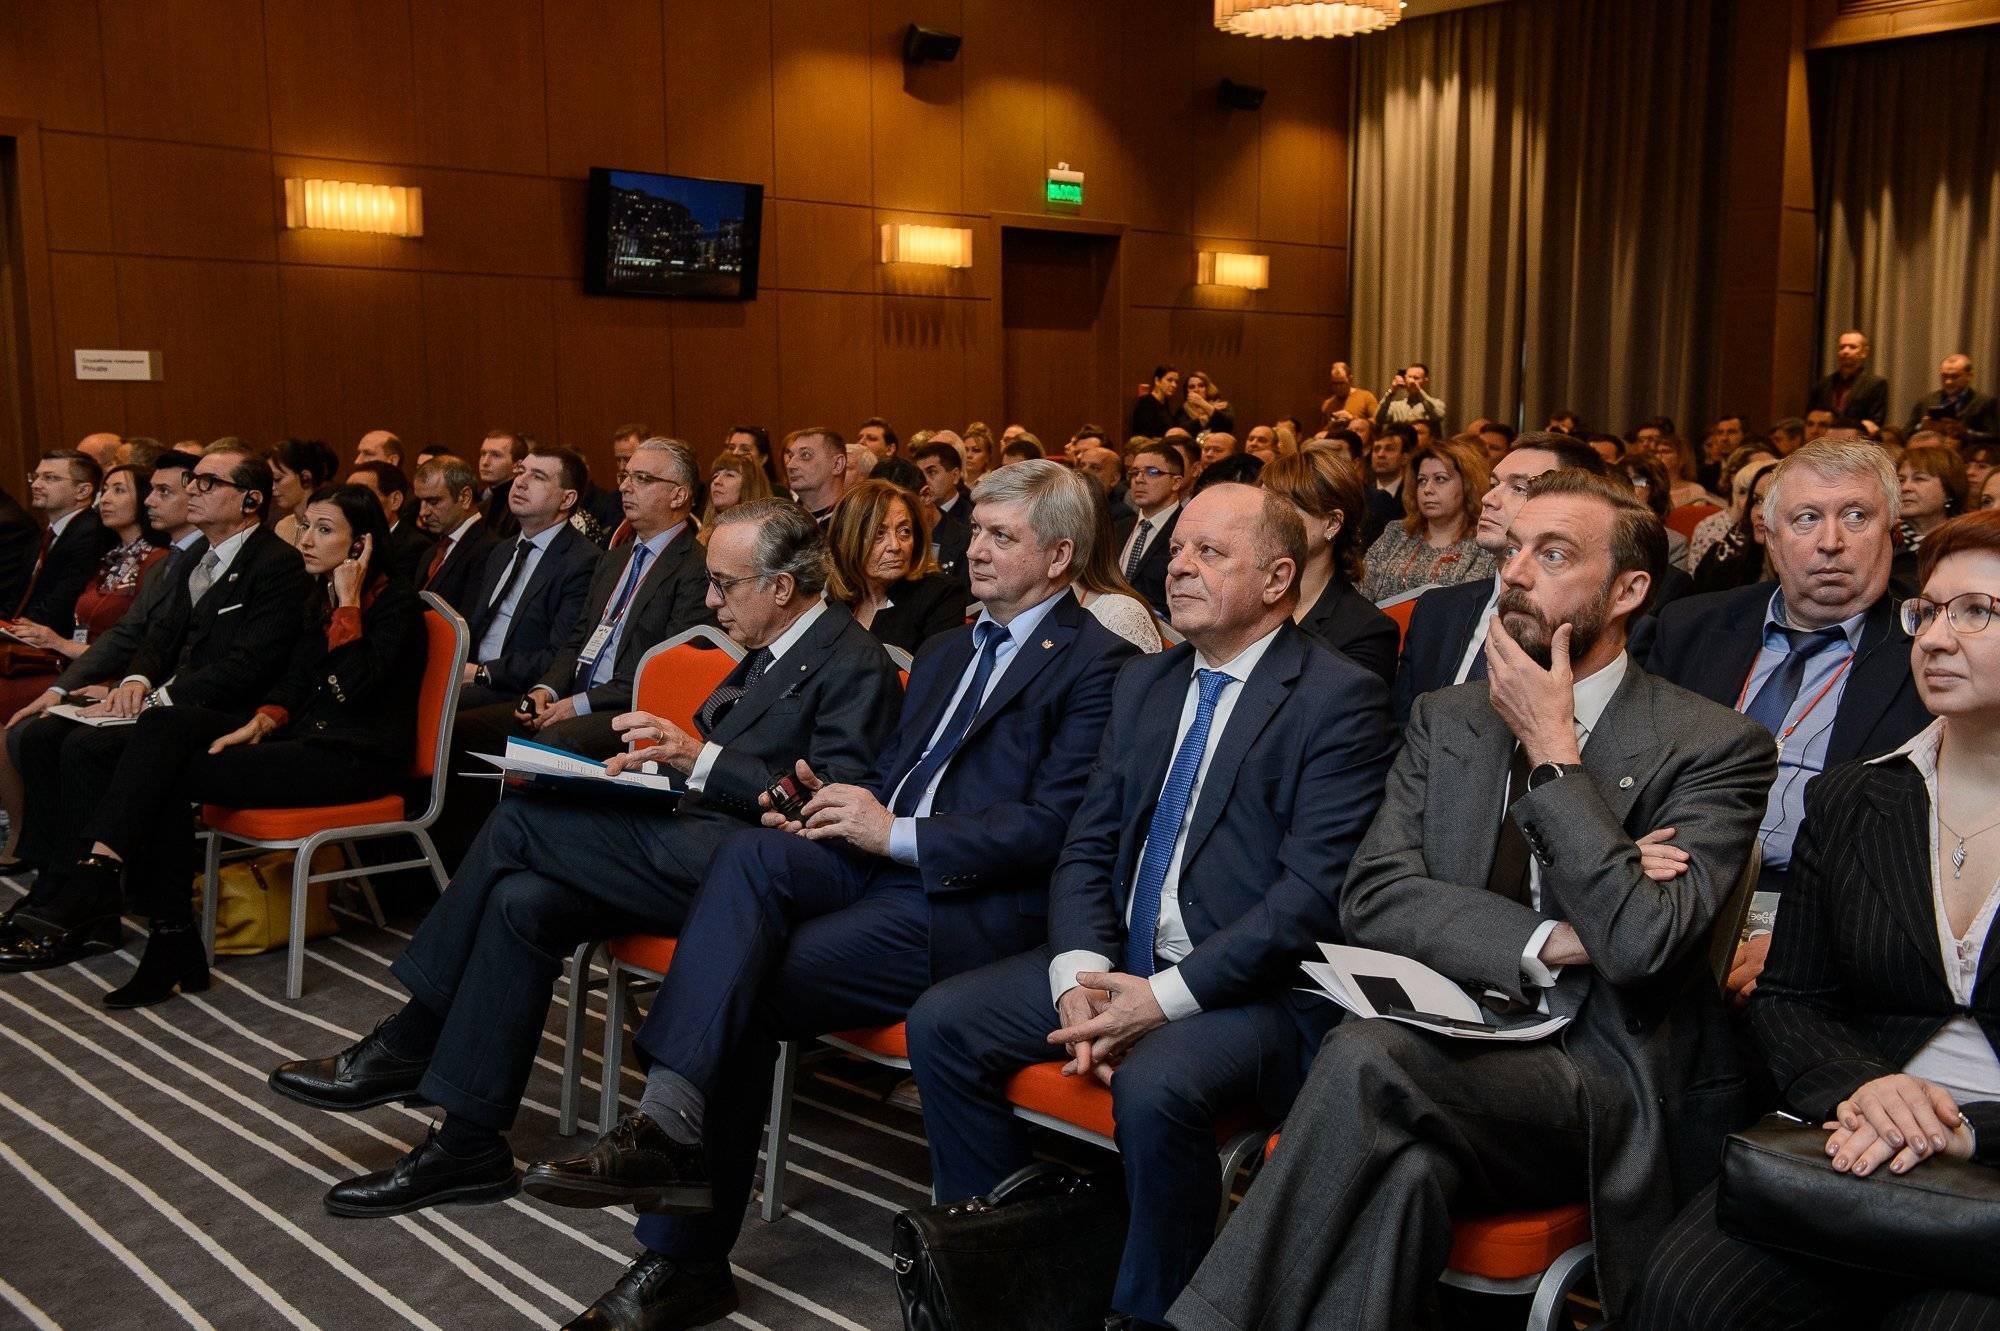 Открытие бизнеса в италии - бизнес иммиграция в италию получение вида на жительство по мотиву рабочей визы